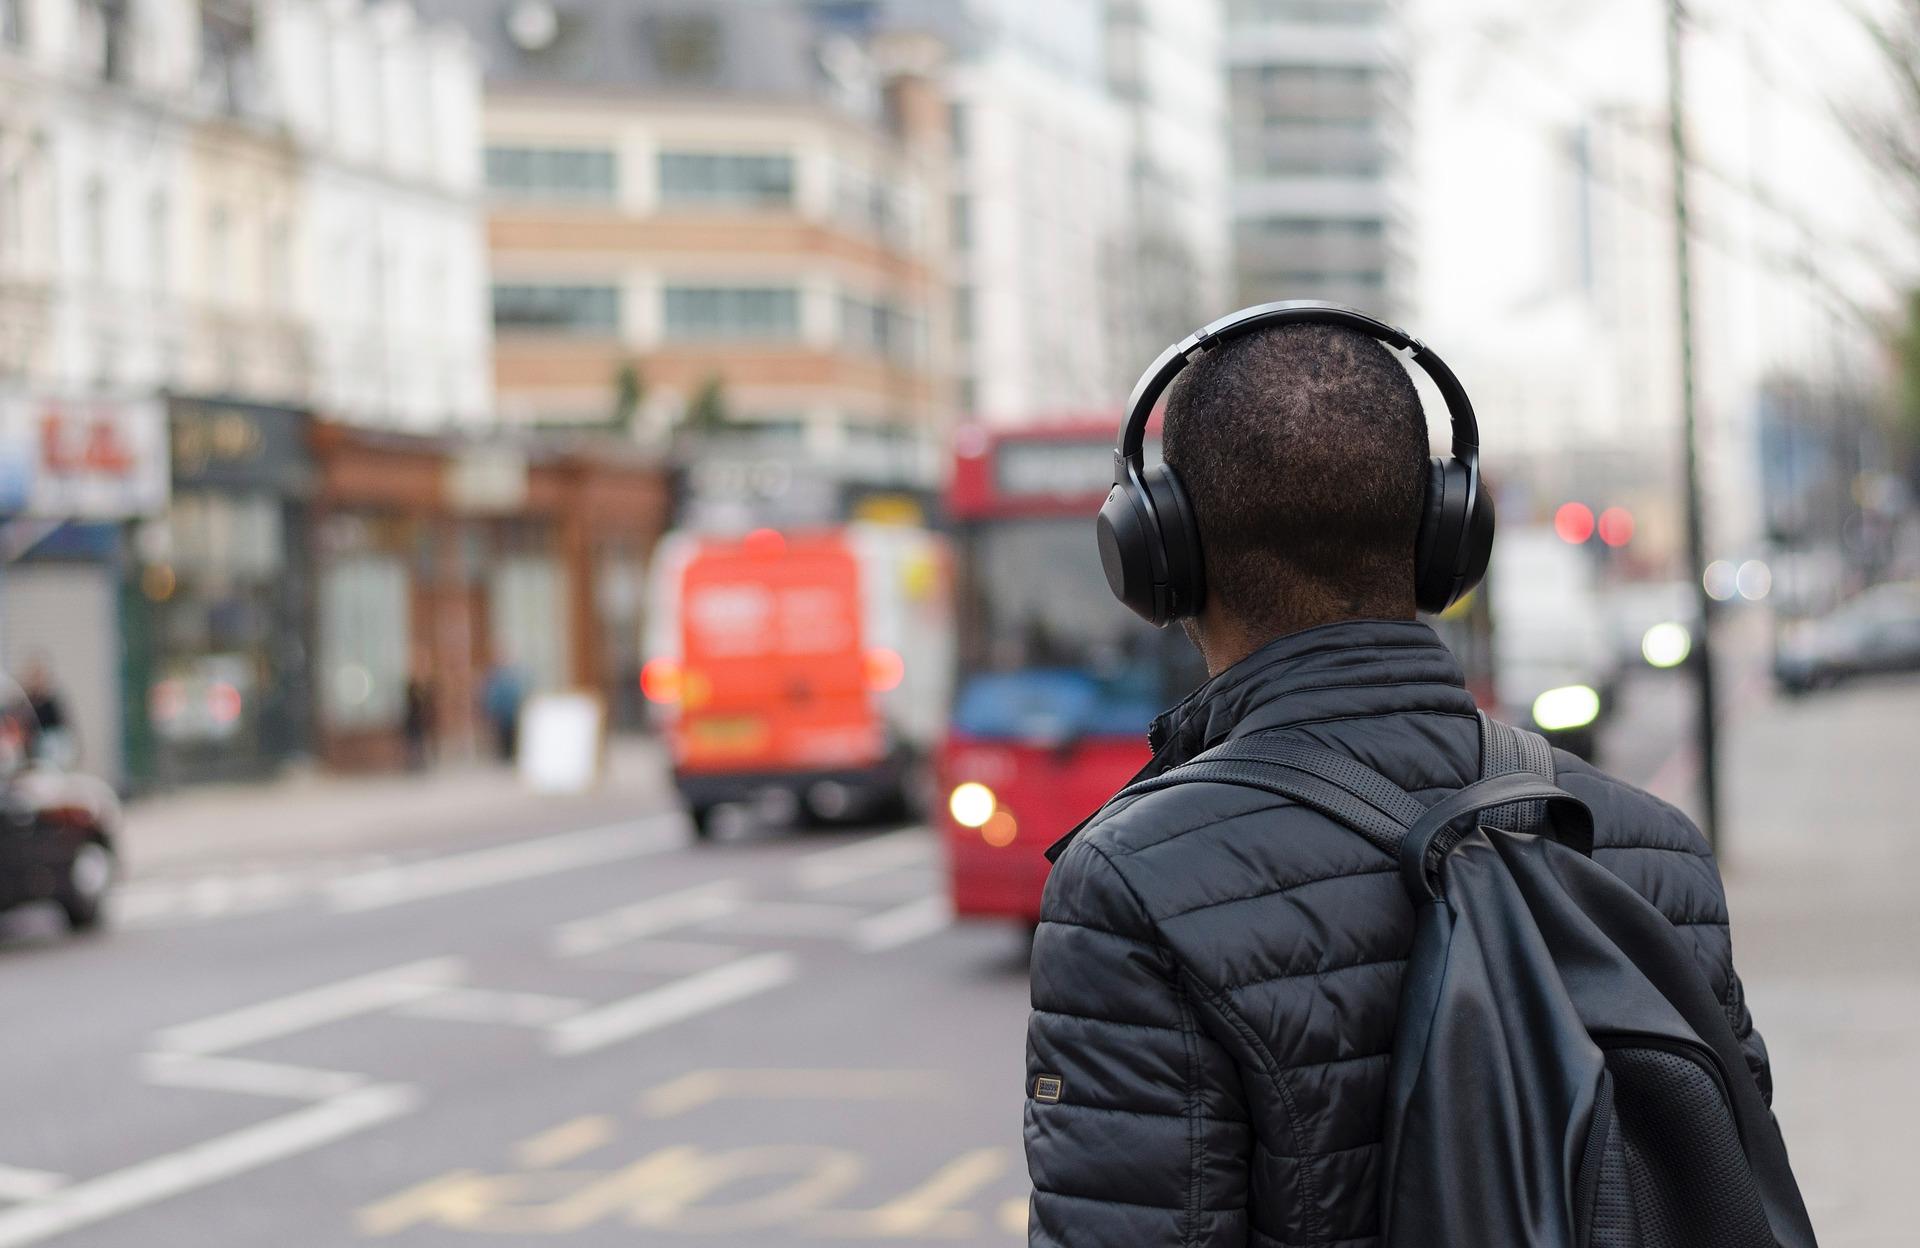 AUDIO MESSAGES -